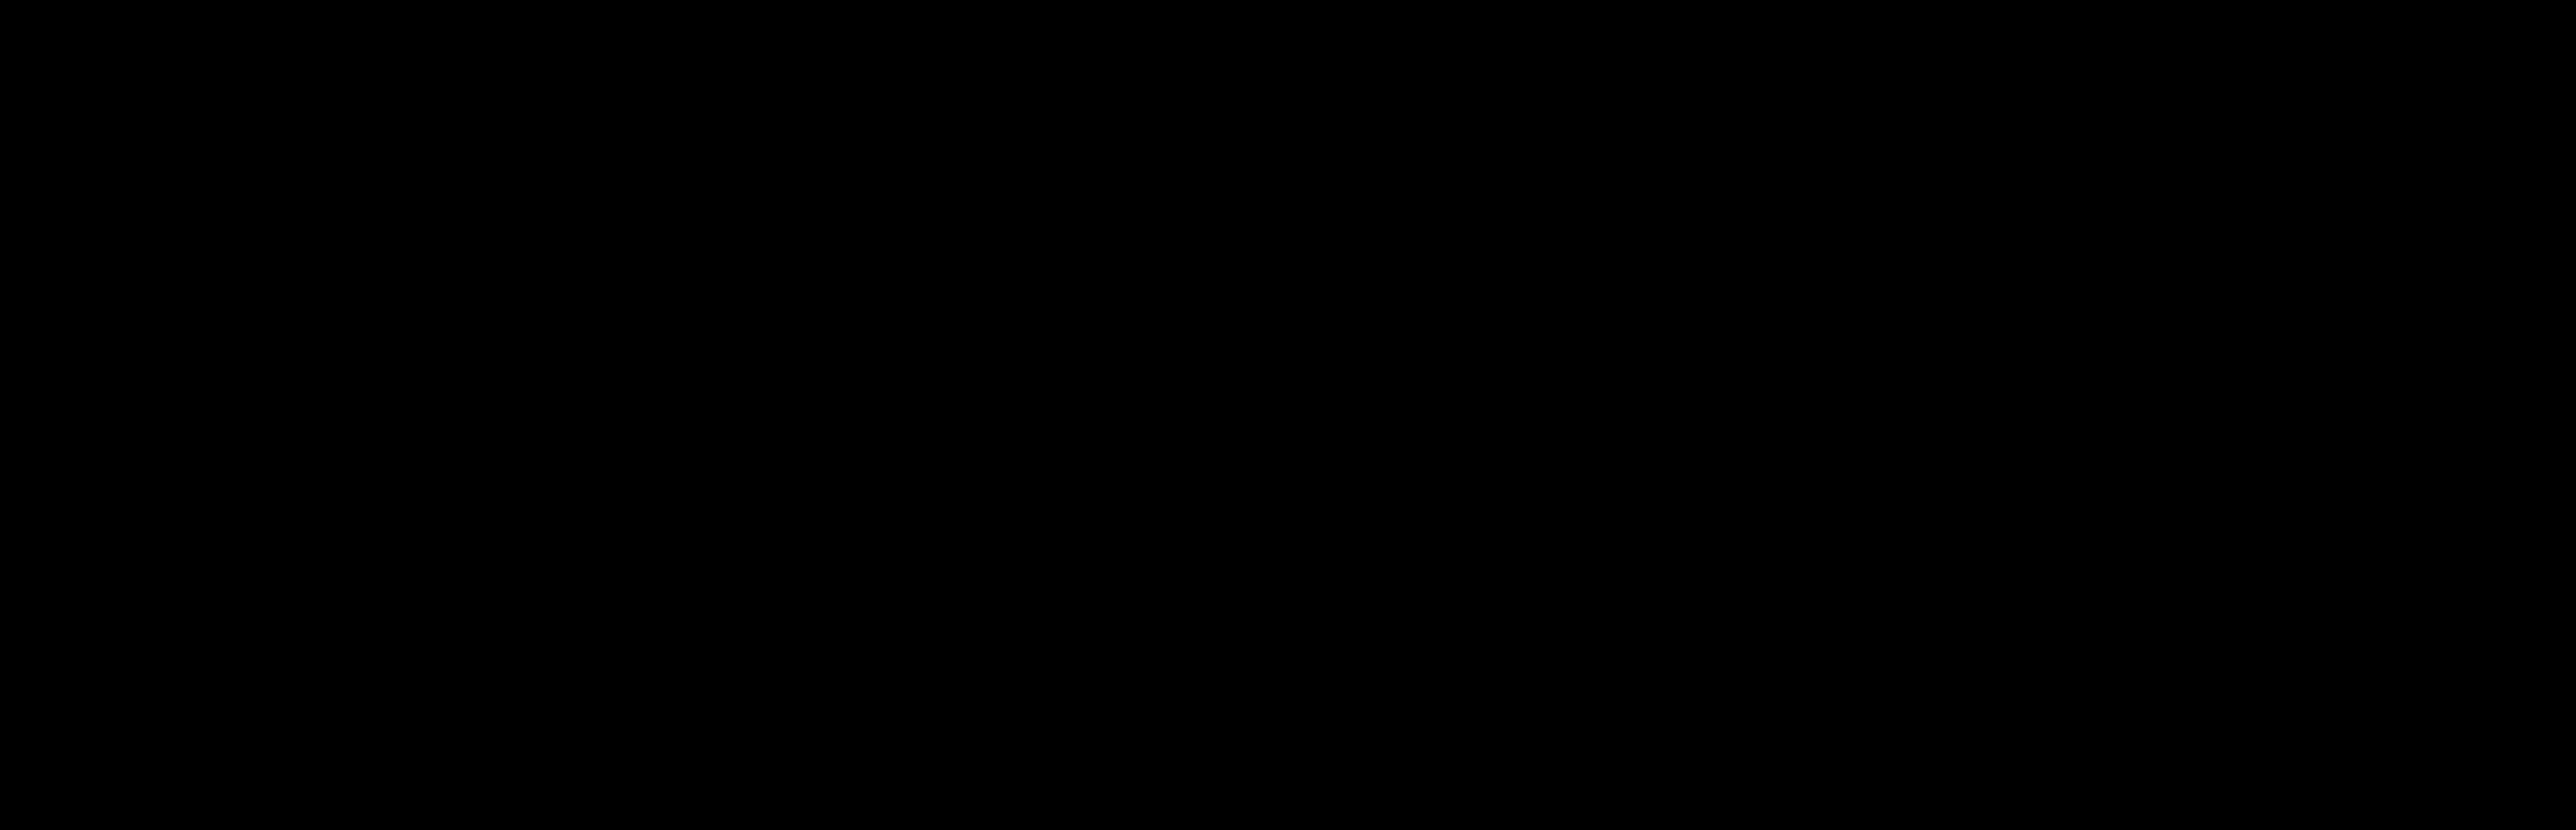 OpenText Digital Asset Management logo